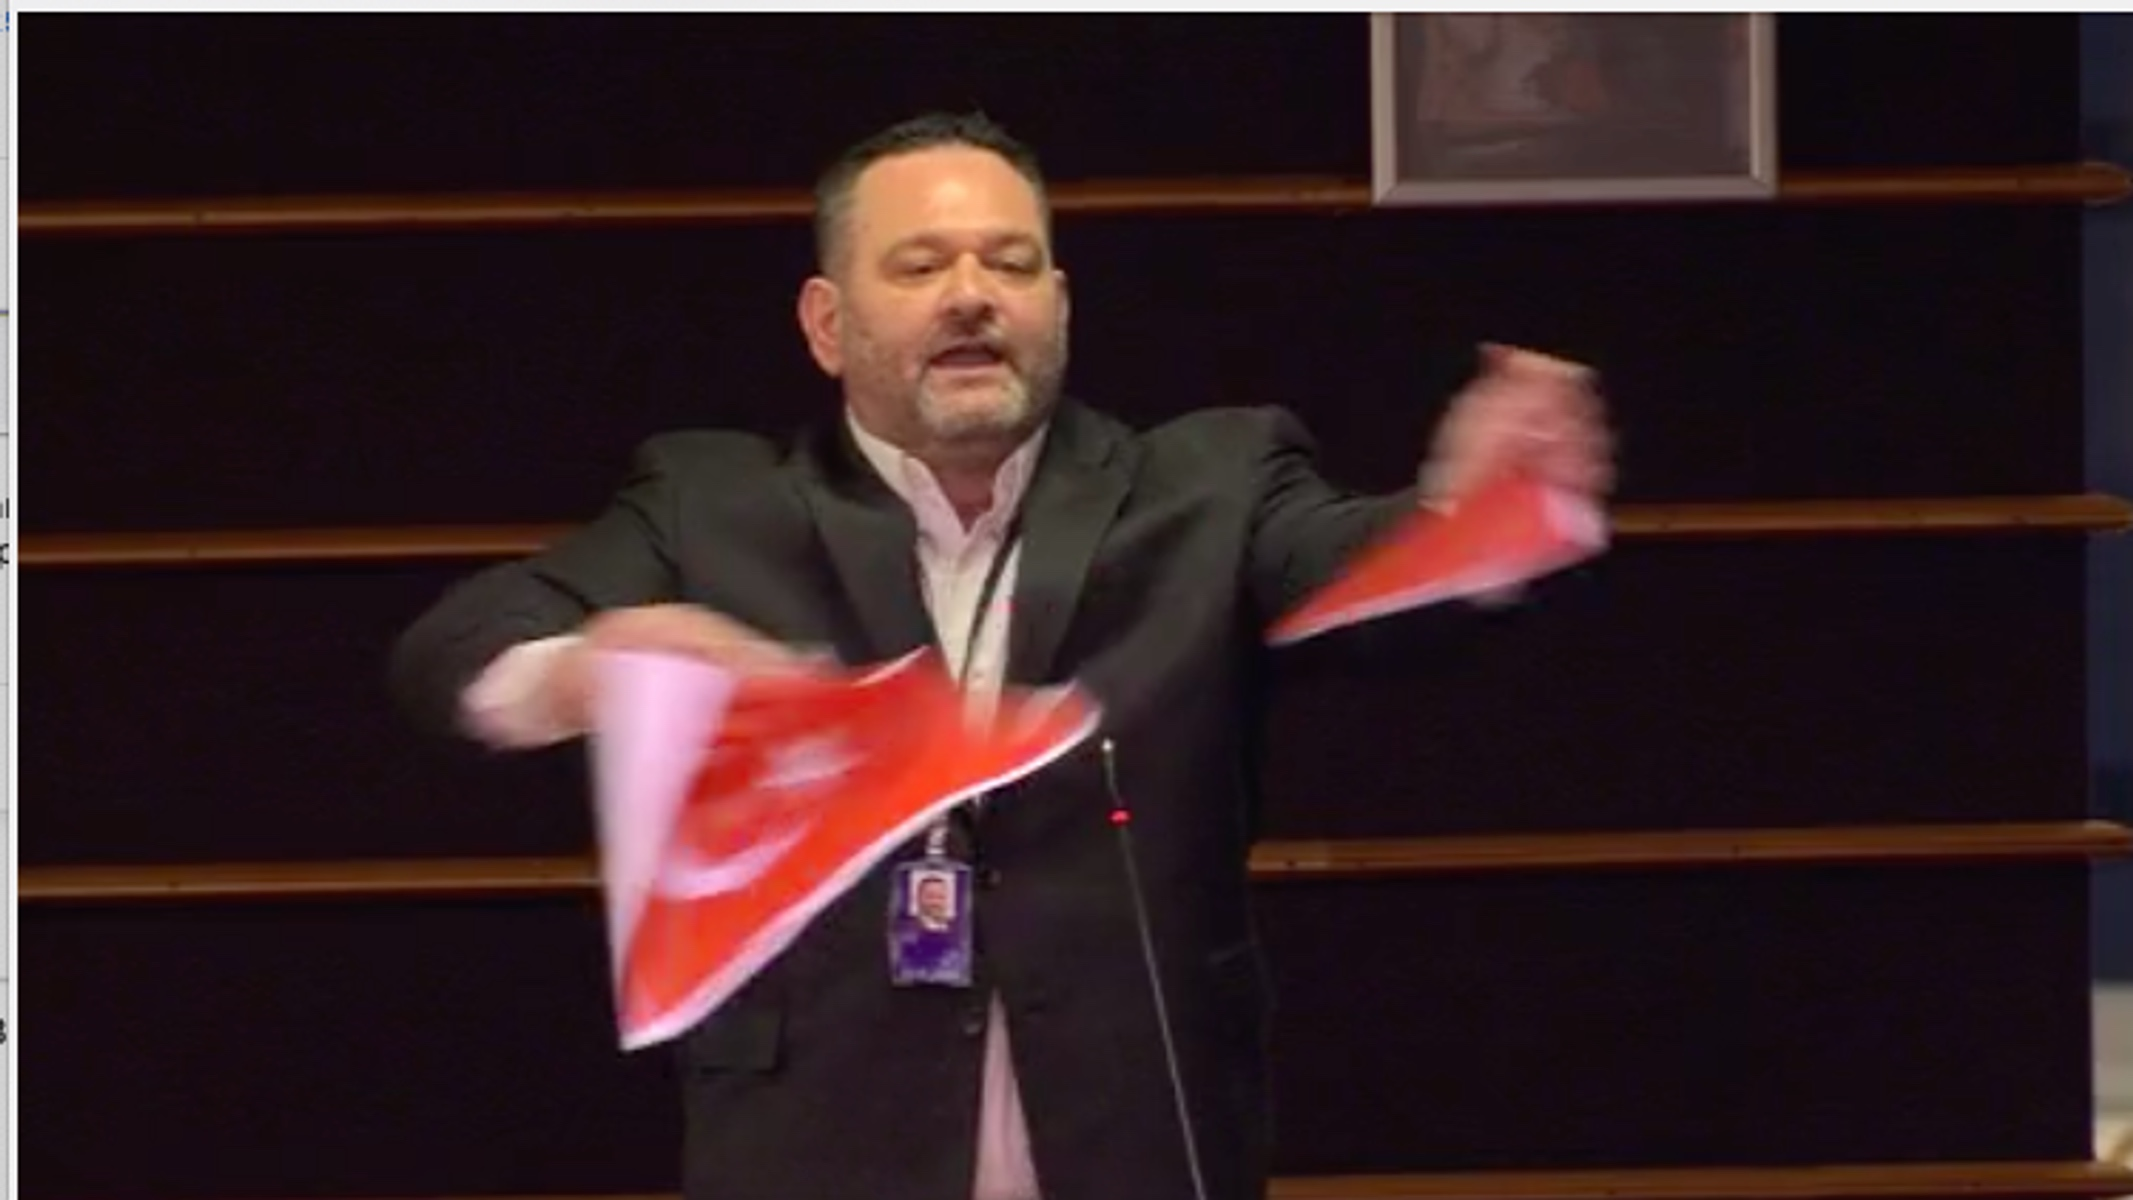 Τσαβούσογλου για Λαγό: «Πετάμε στην θάλασσα όσους επιτίθενται στην σημαία μας»